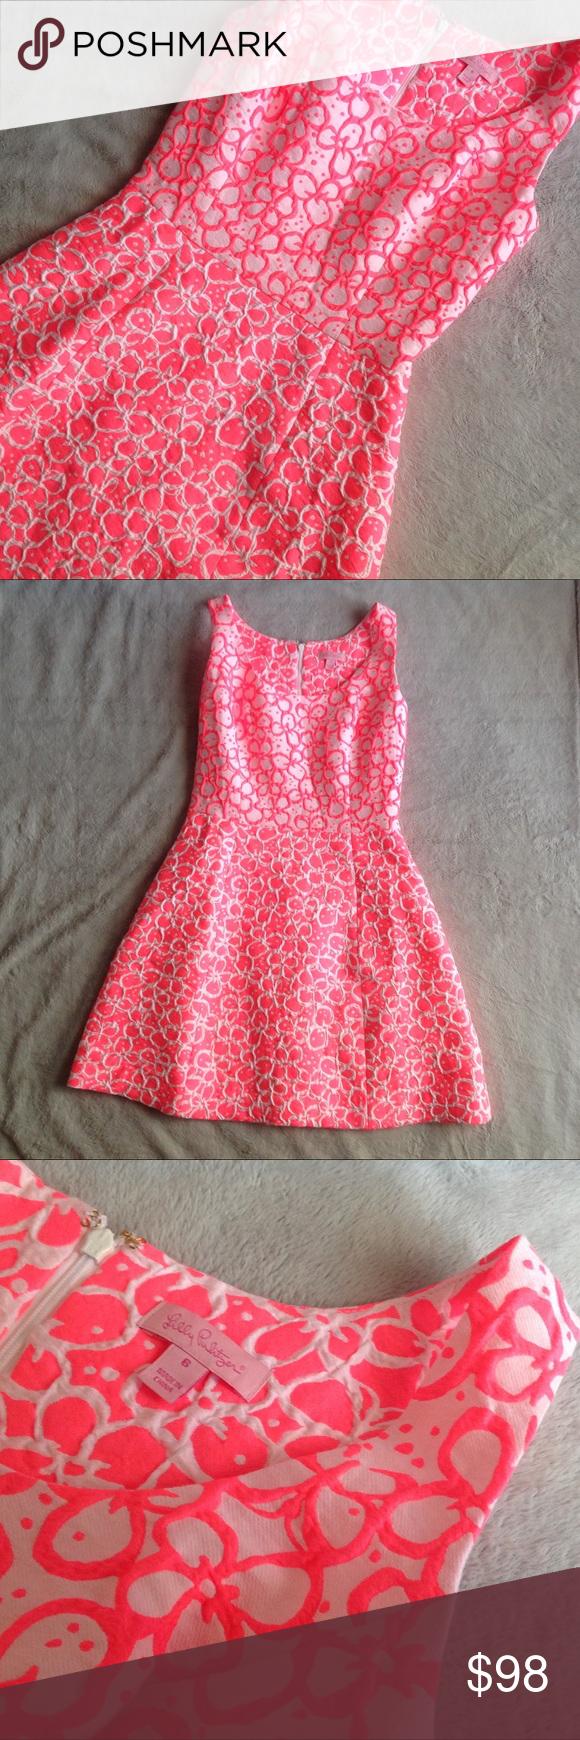 Lilly Pulitzer Joslin Dress Fiesta Pink Jacquard